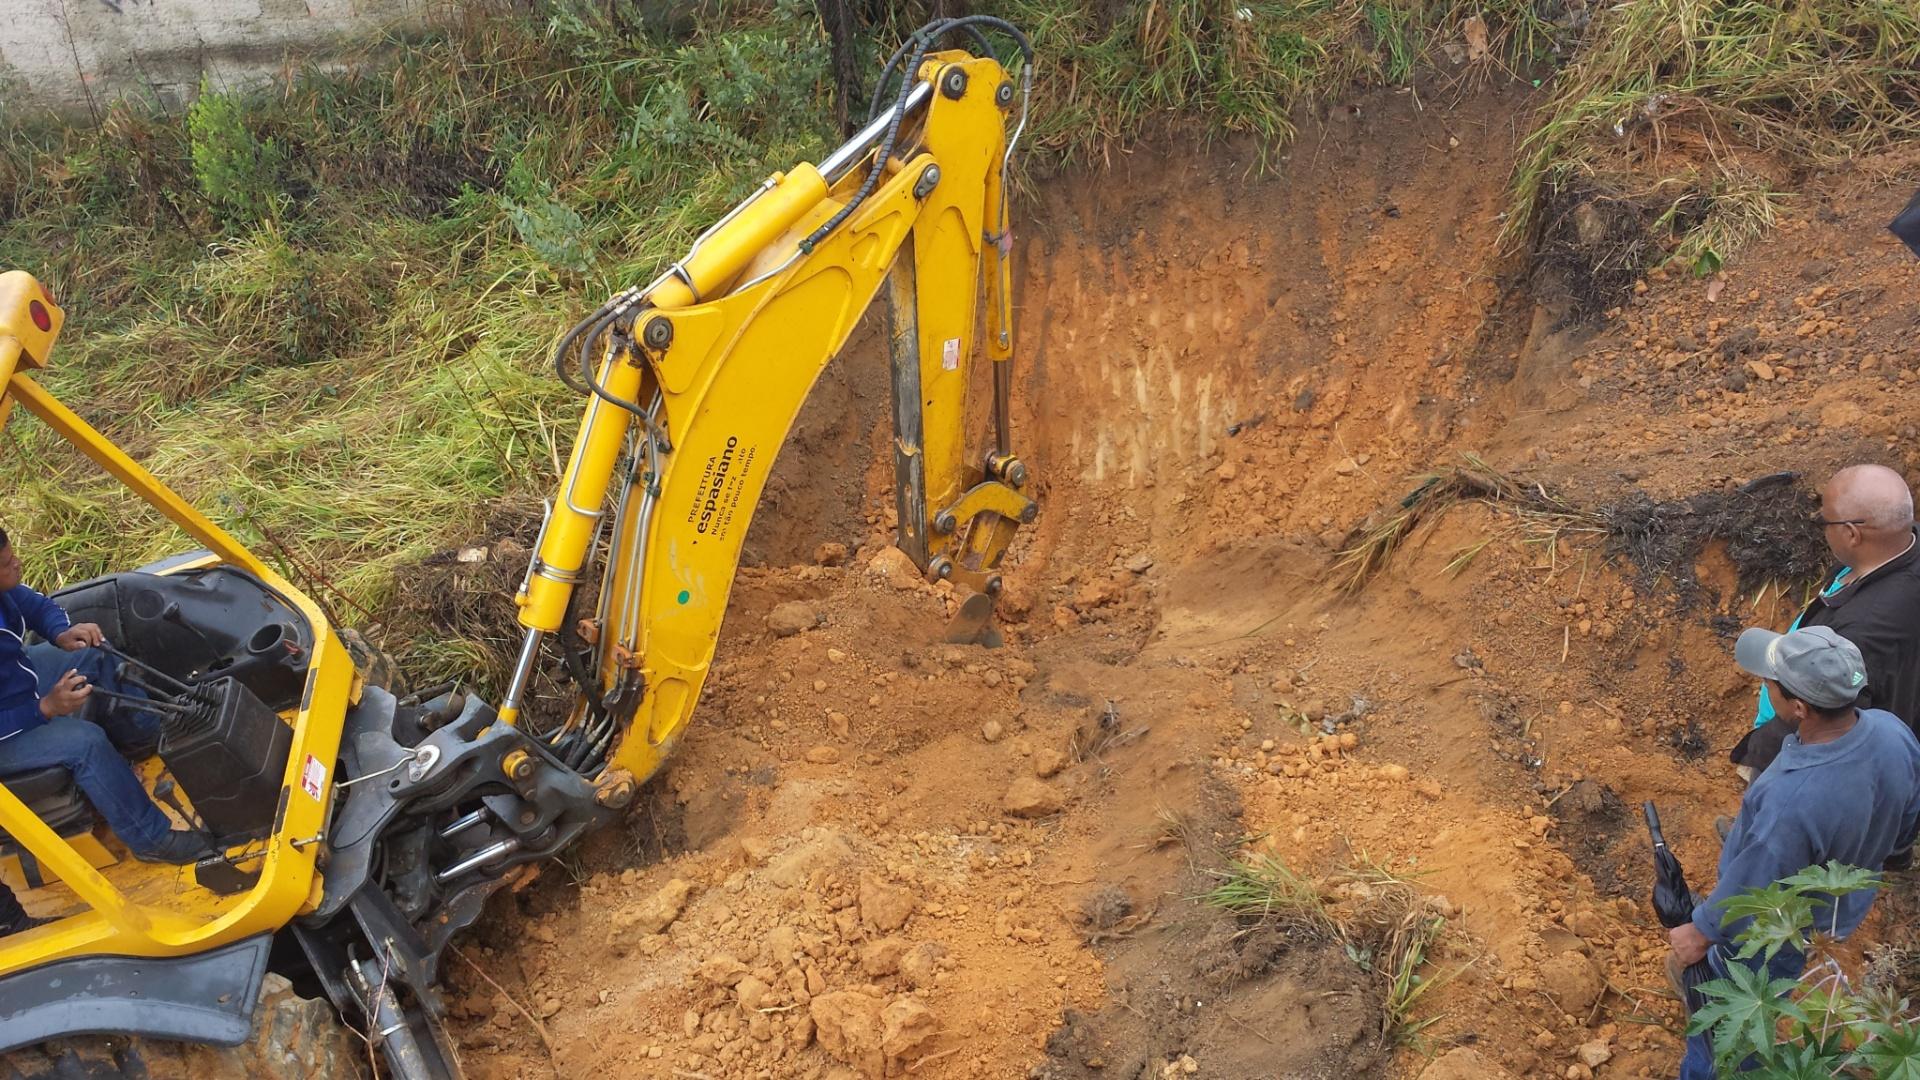 25.jul.2014 - Retroescavadeira começa trabalhos de escavação em região do bairro de Santa Clara, em Vespasiano, r